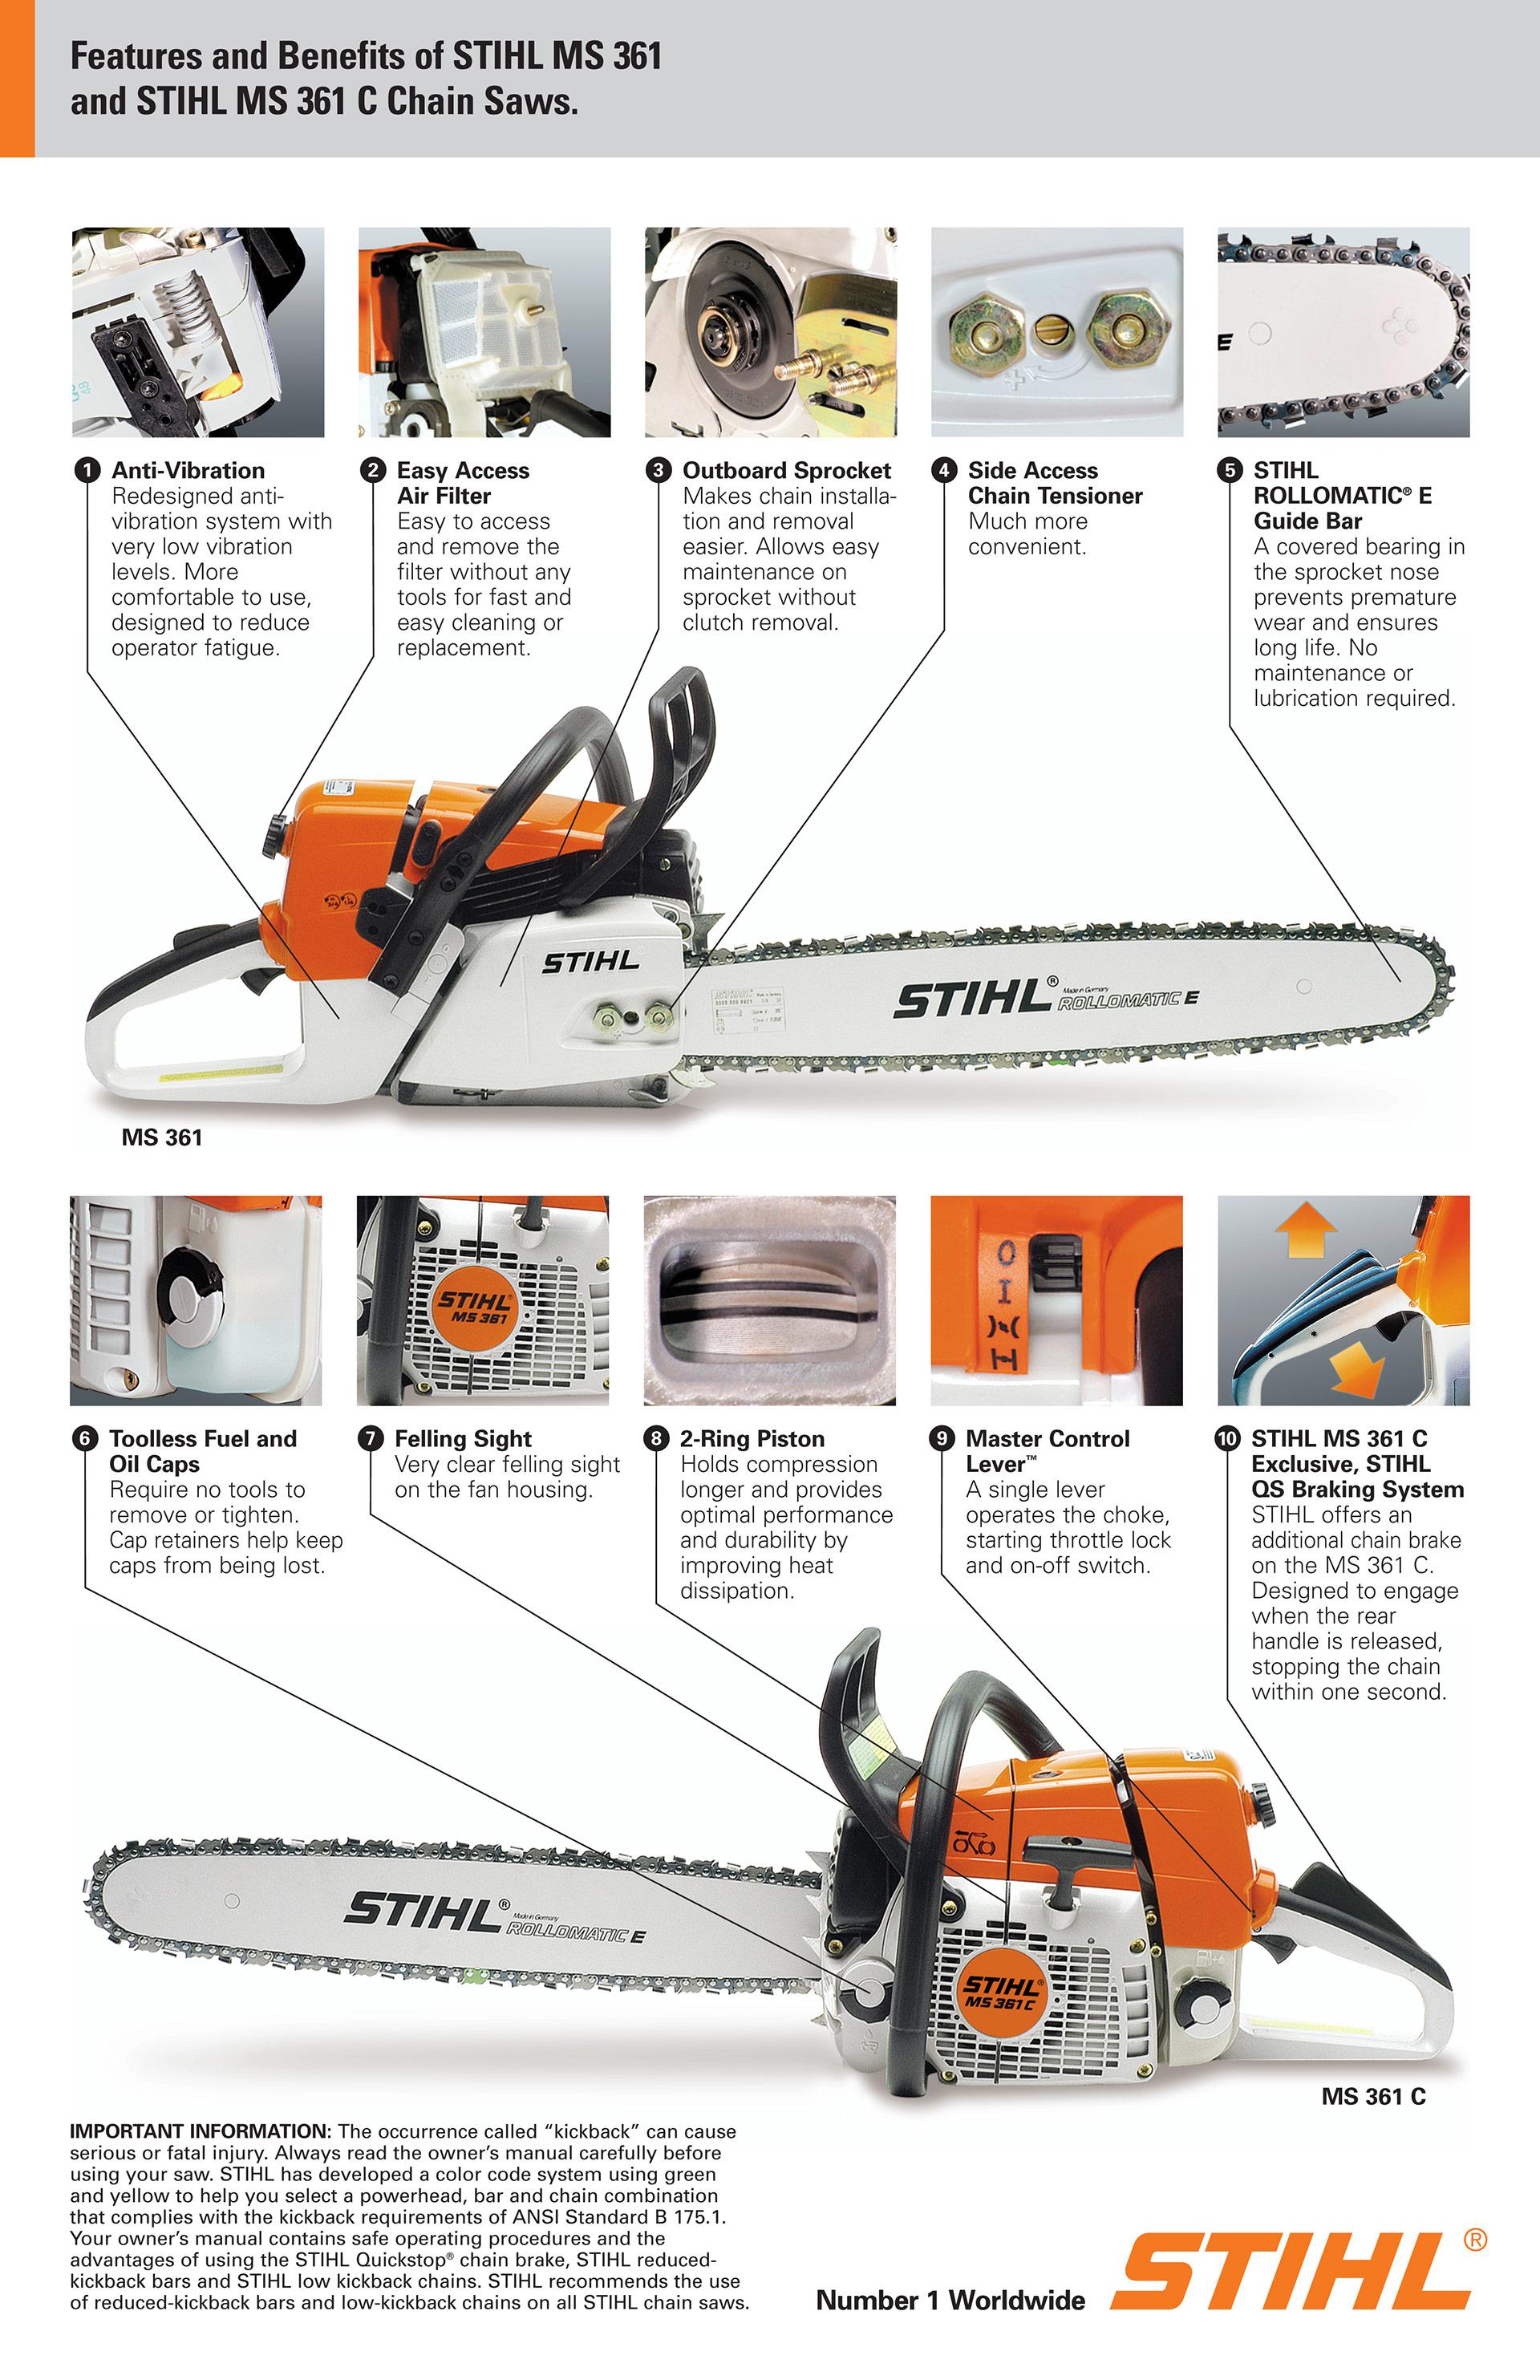 Бензопилы stihl — обзор моделей. правила безопасности и техника применения инструмента